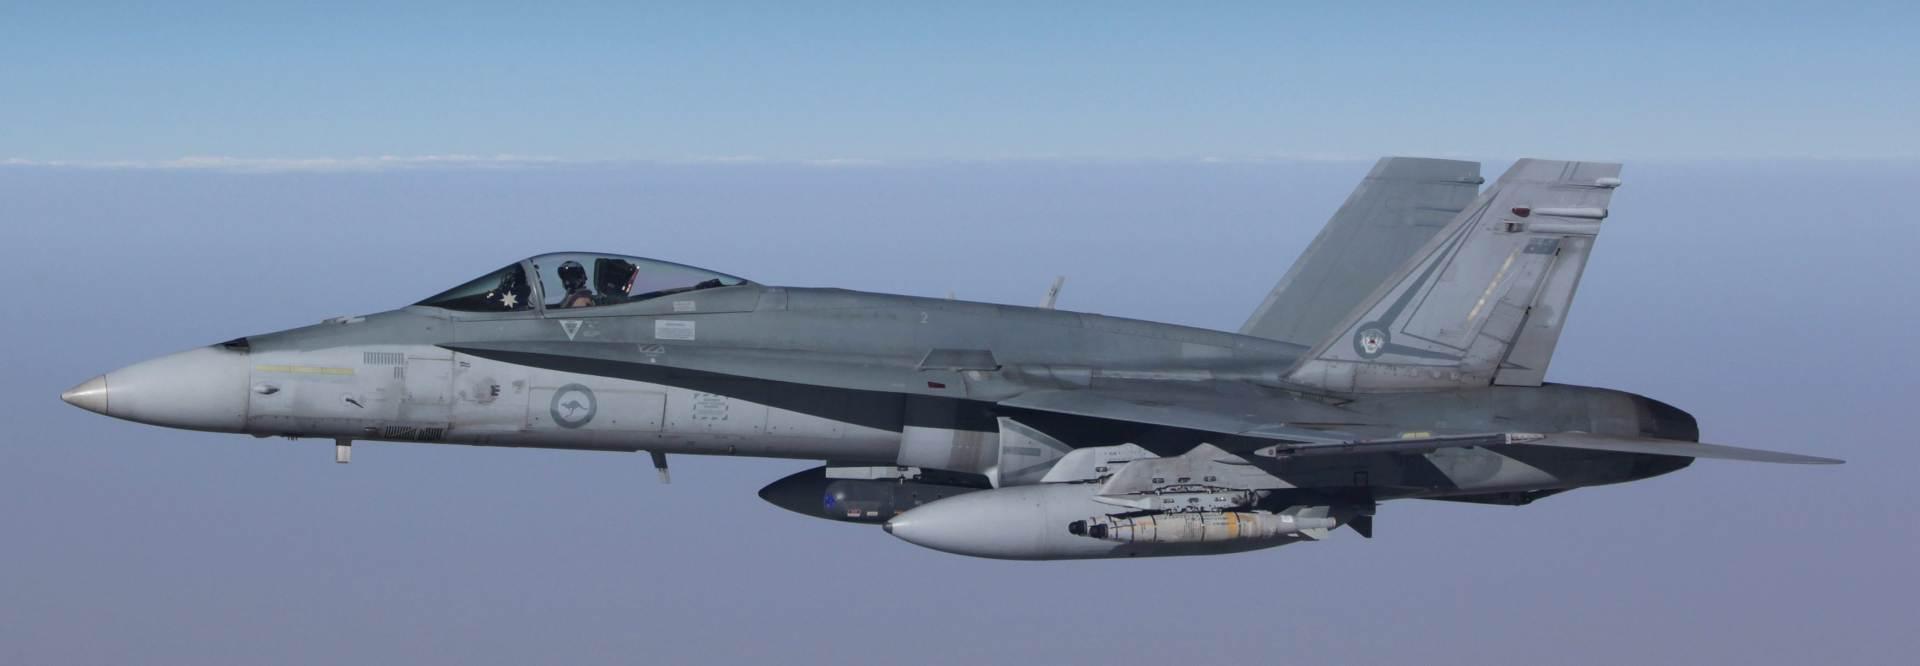 ŠIRENJE KOALICIJE:Raste pritisak da se i Nizozemska priključi udarima na IS u Siriji